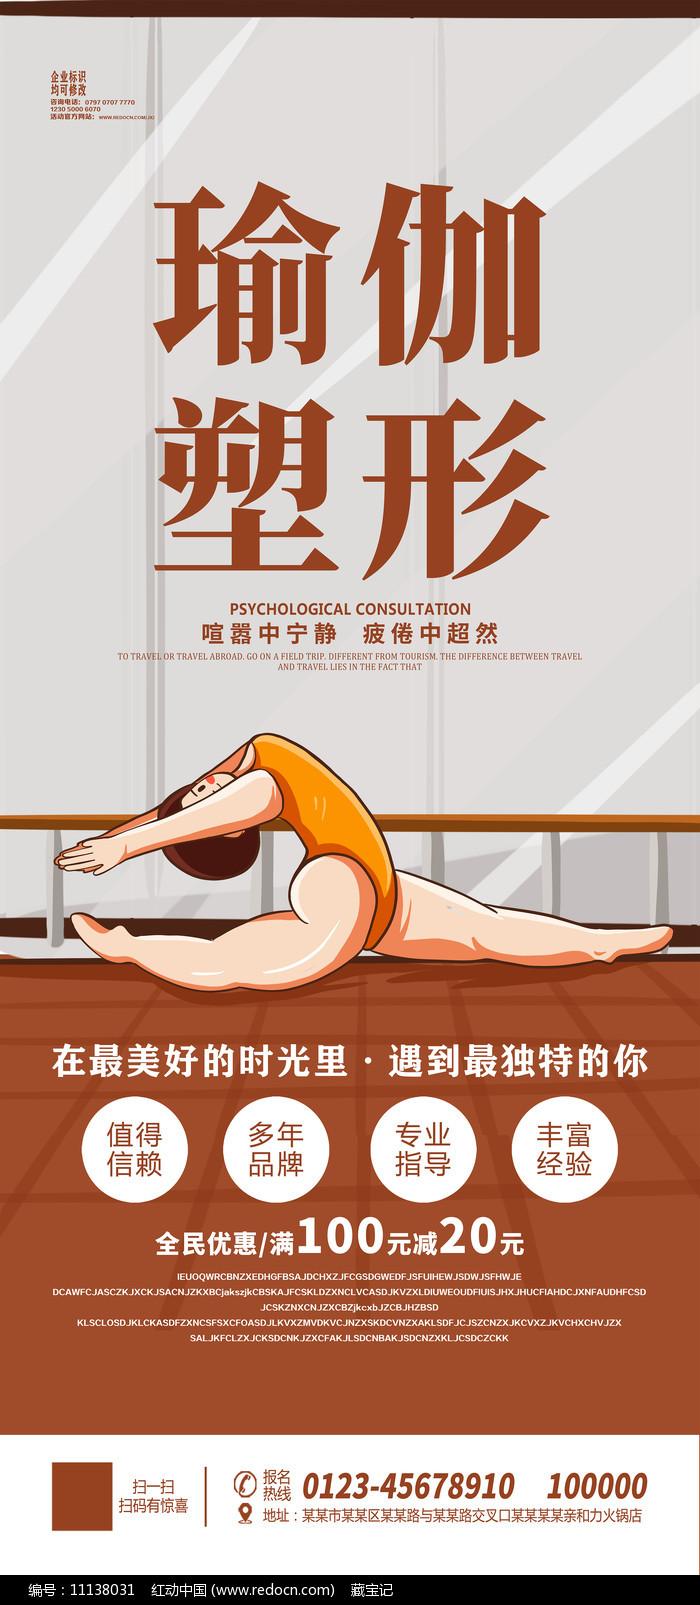 瑜伽塑形展架设计图片